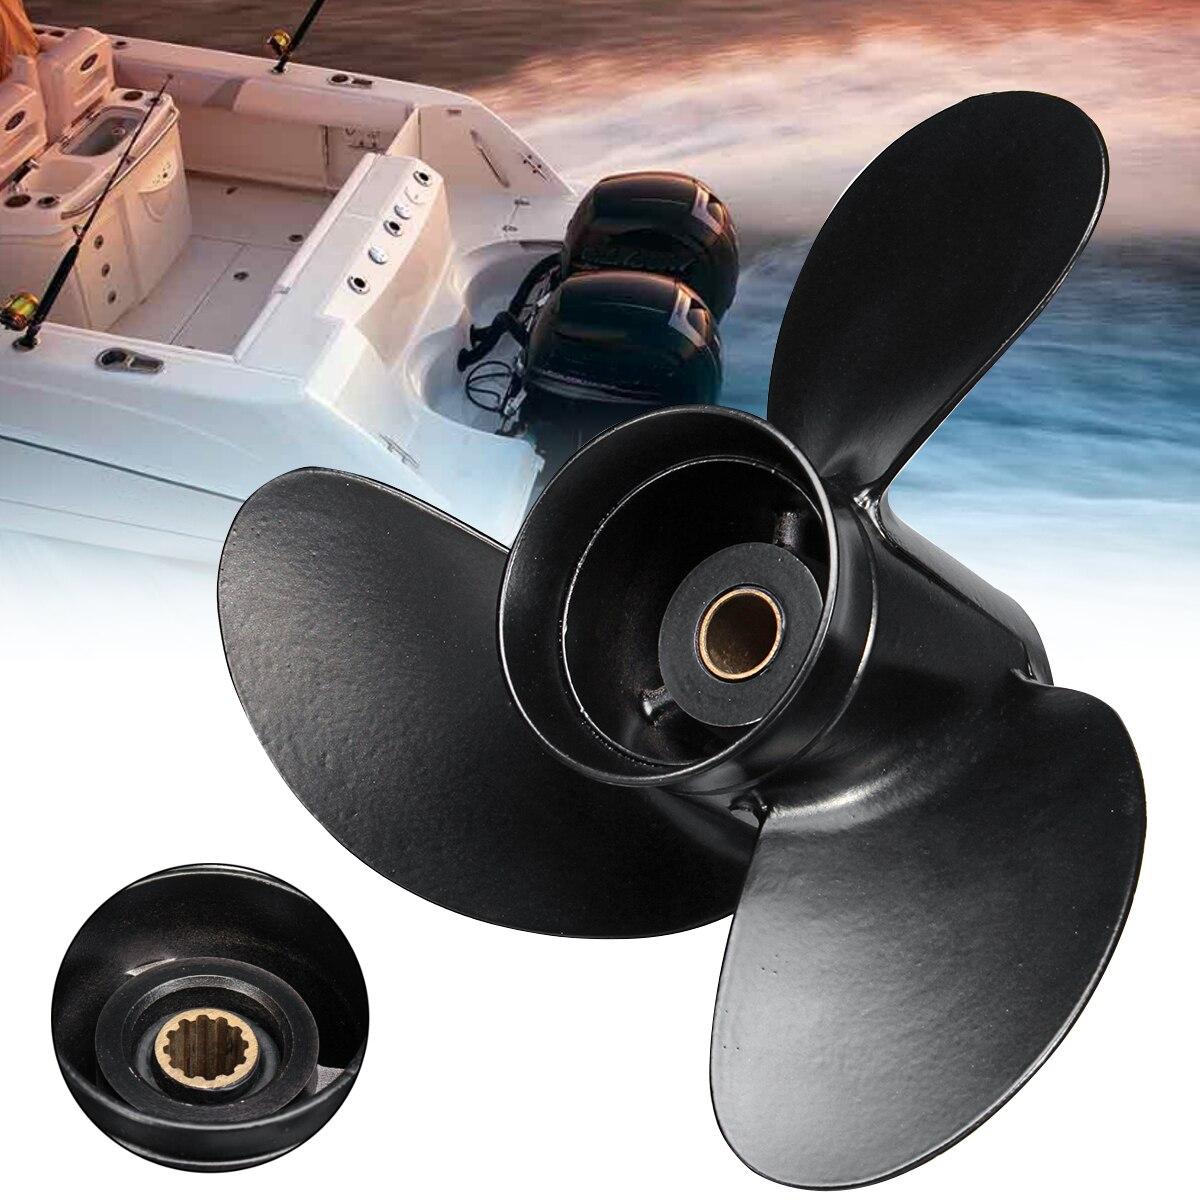 3B2W64517-1 8.5X9 Barca Fuoribordo Elica per Tohatsu Nissan-Mercury 8-9.8HP In Lega di Alluminio 12 Spline Tooths 3 Lame nero